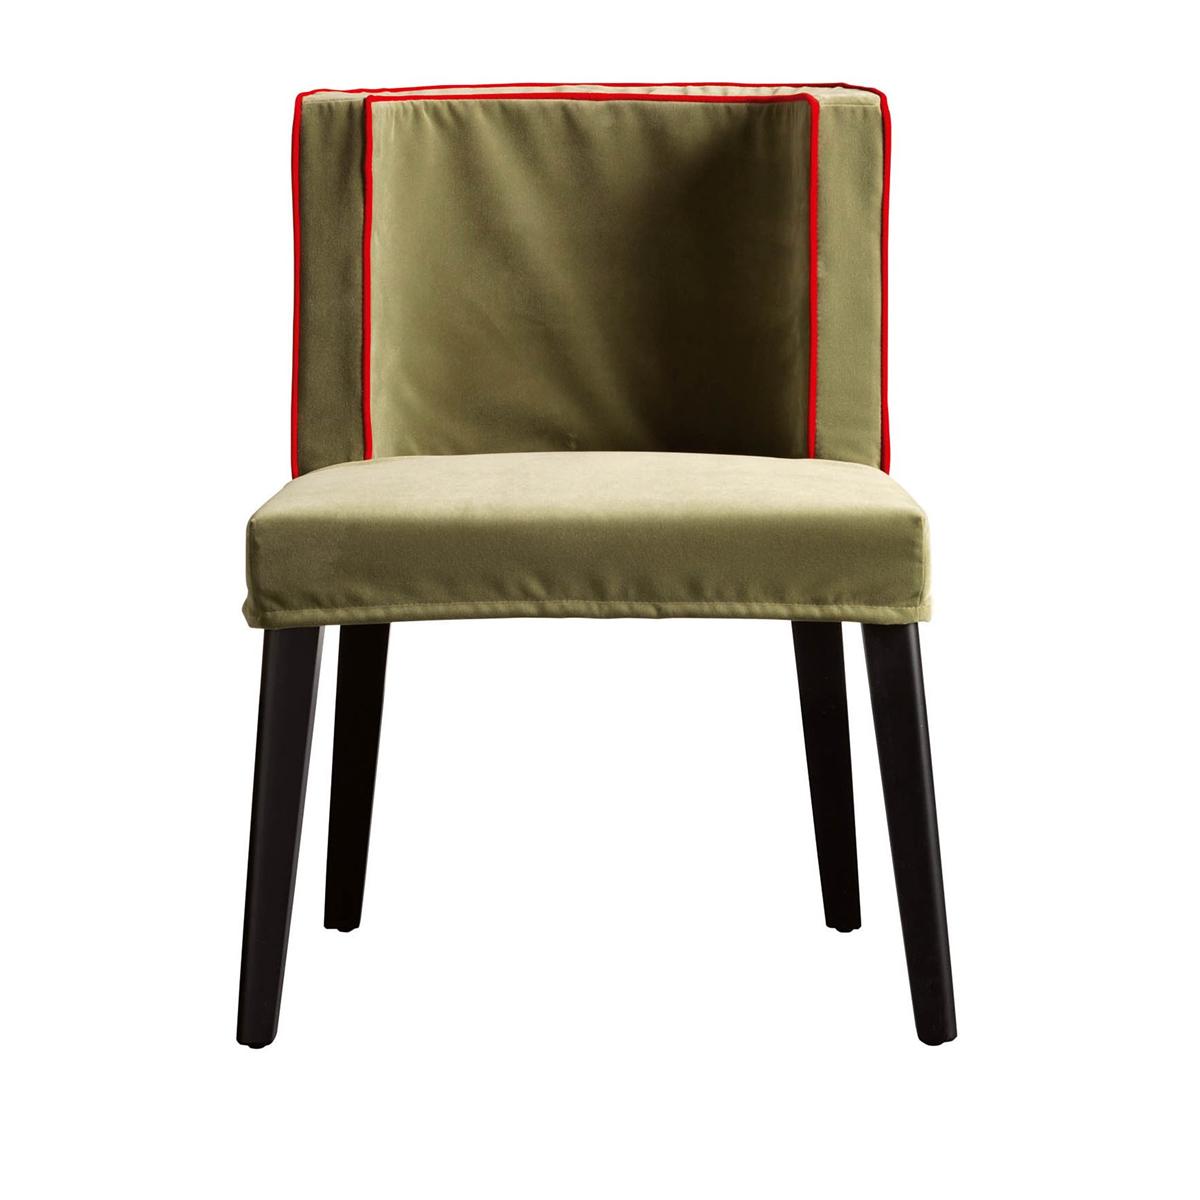 Family chair / Middle - на 360.ru: цены, описание, характеристики, где купить в Москве.